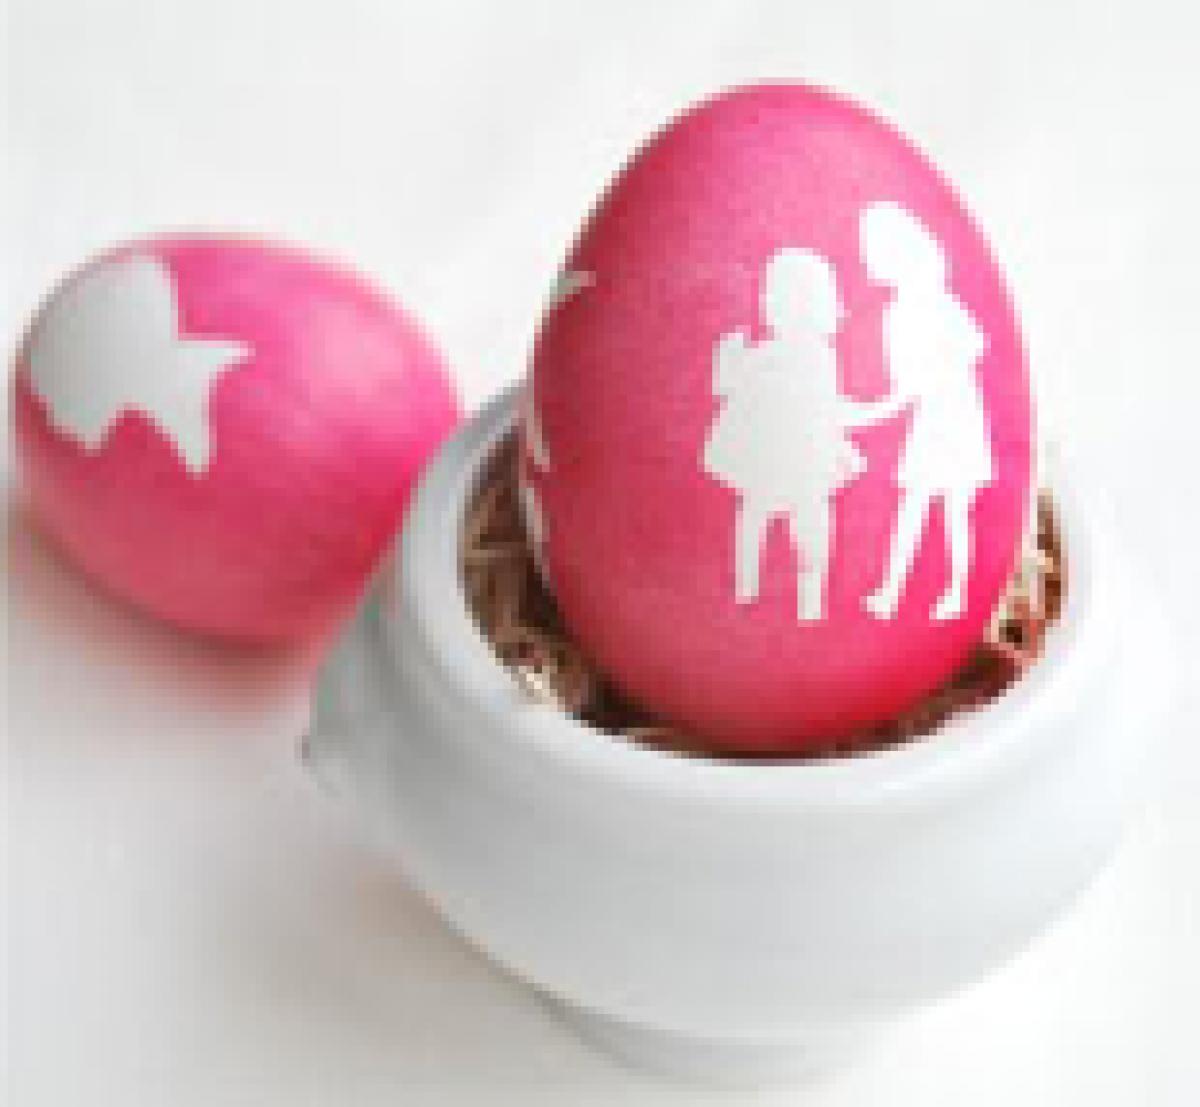 Βάψε τα αβγά με τα σχέδια που θέλεις!